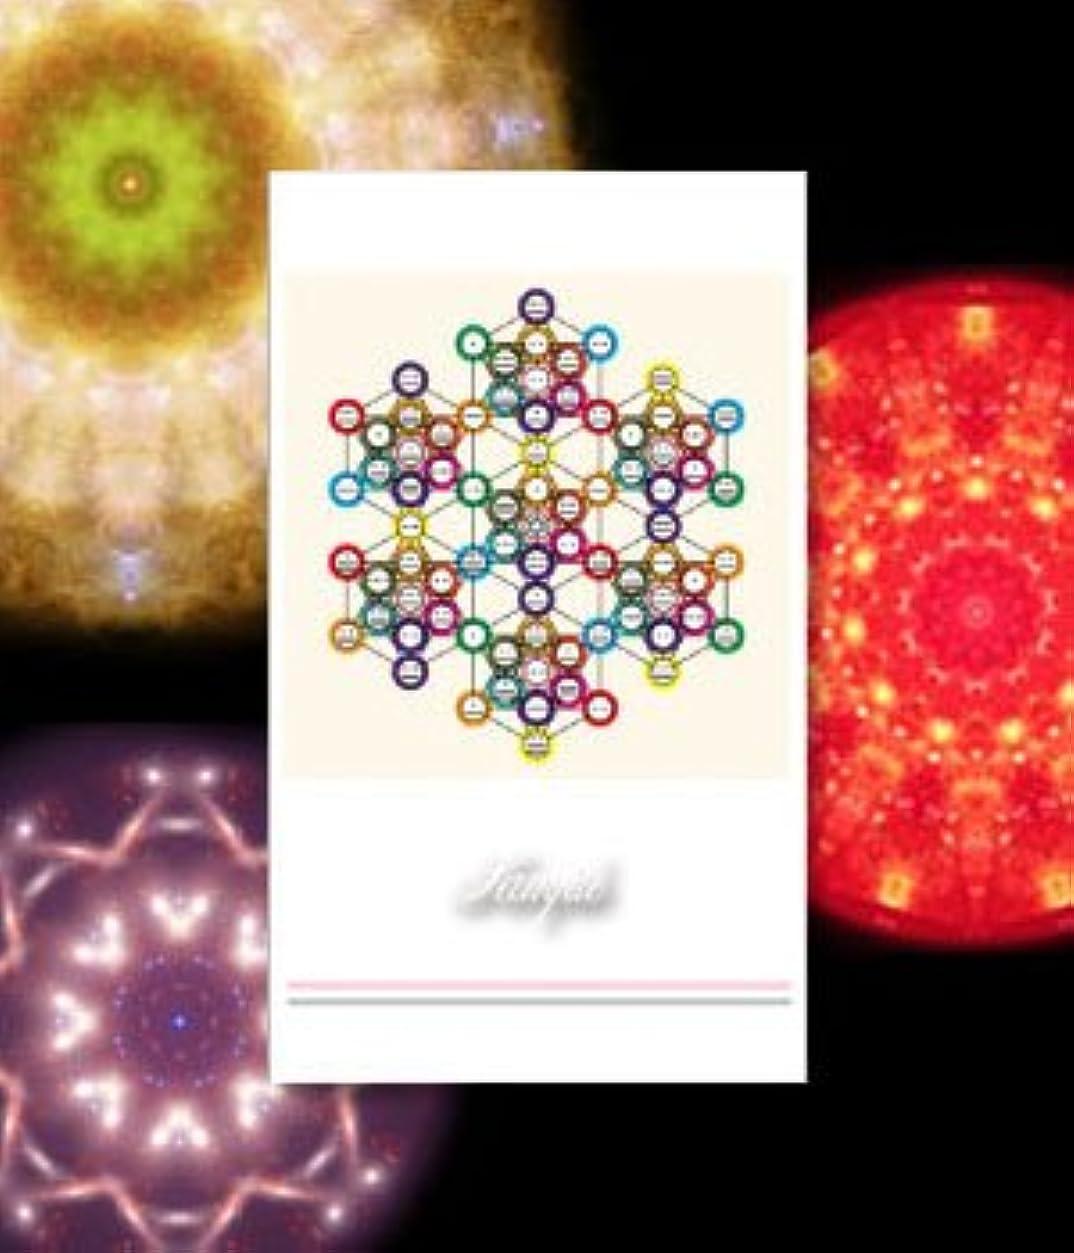 魅力的スプーン電気陽性クスリエ ツォルキン 名刺サイズカード